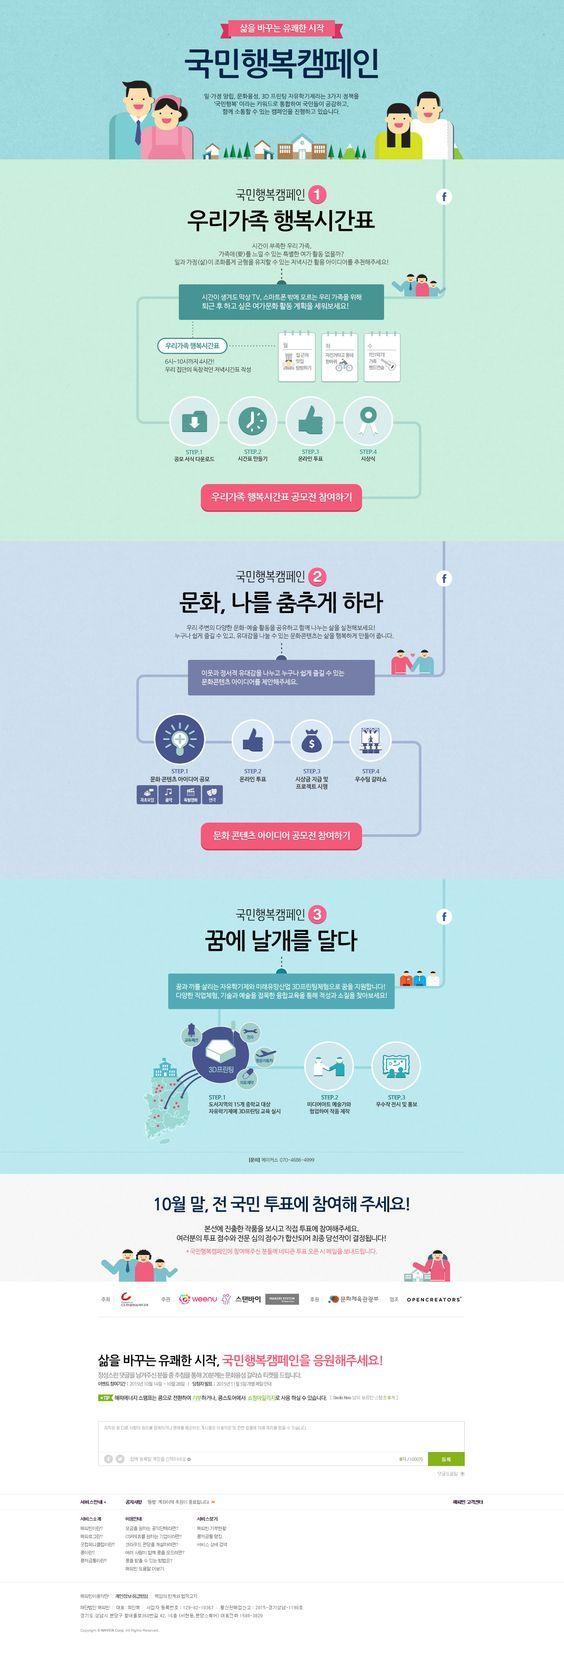 국민행복캠페인 해피빈: